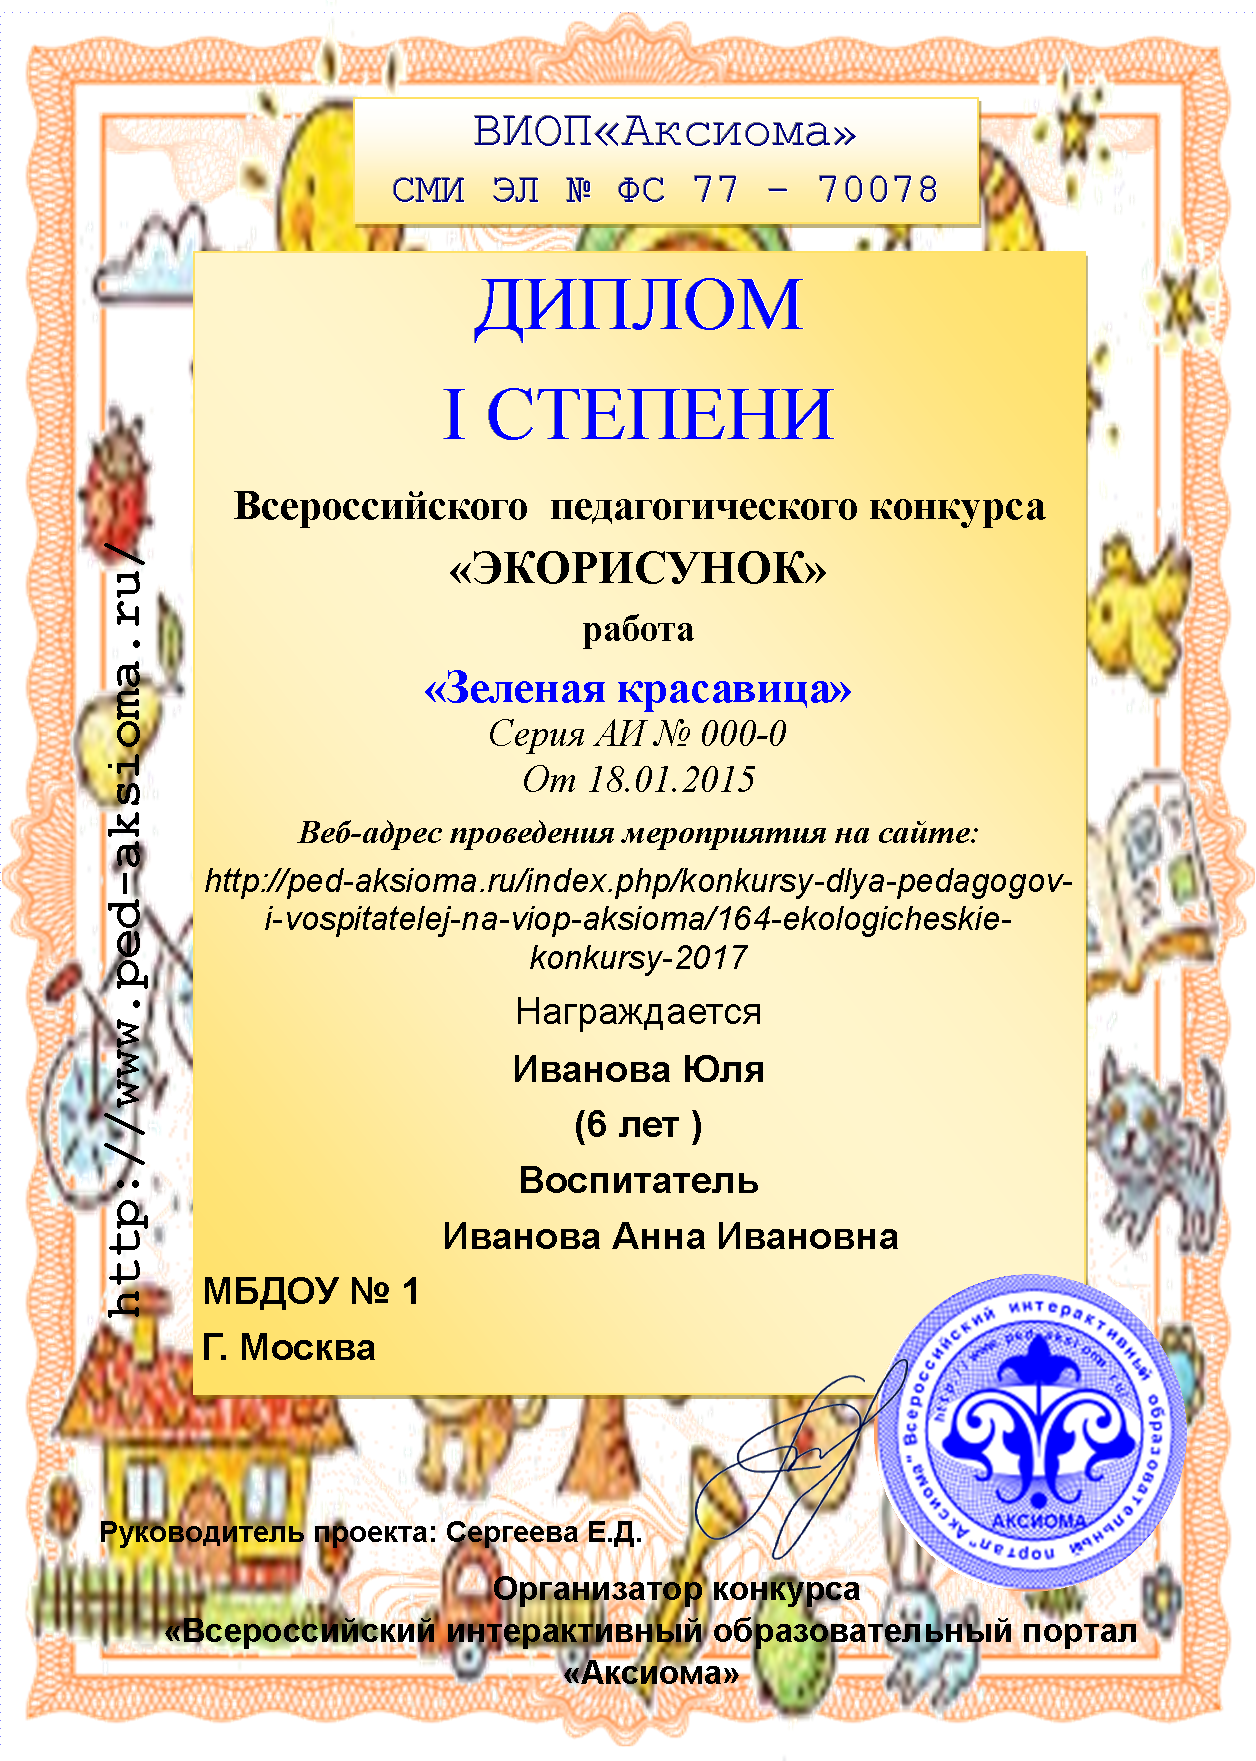 Всероссийские конкурсы для учителей 2009